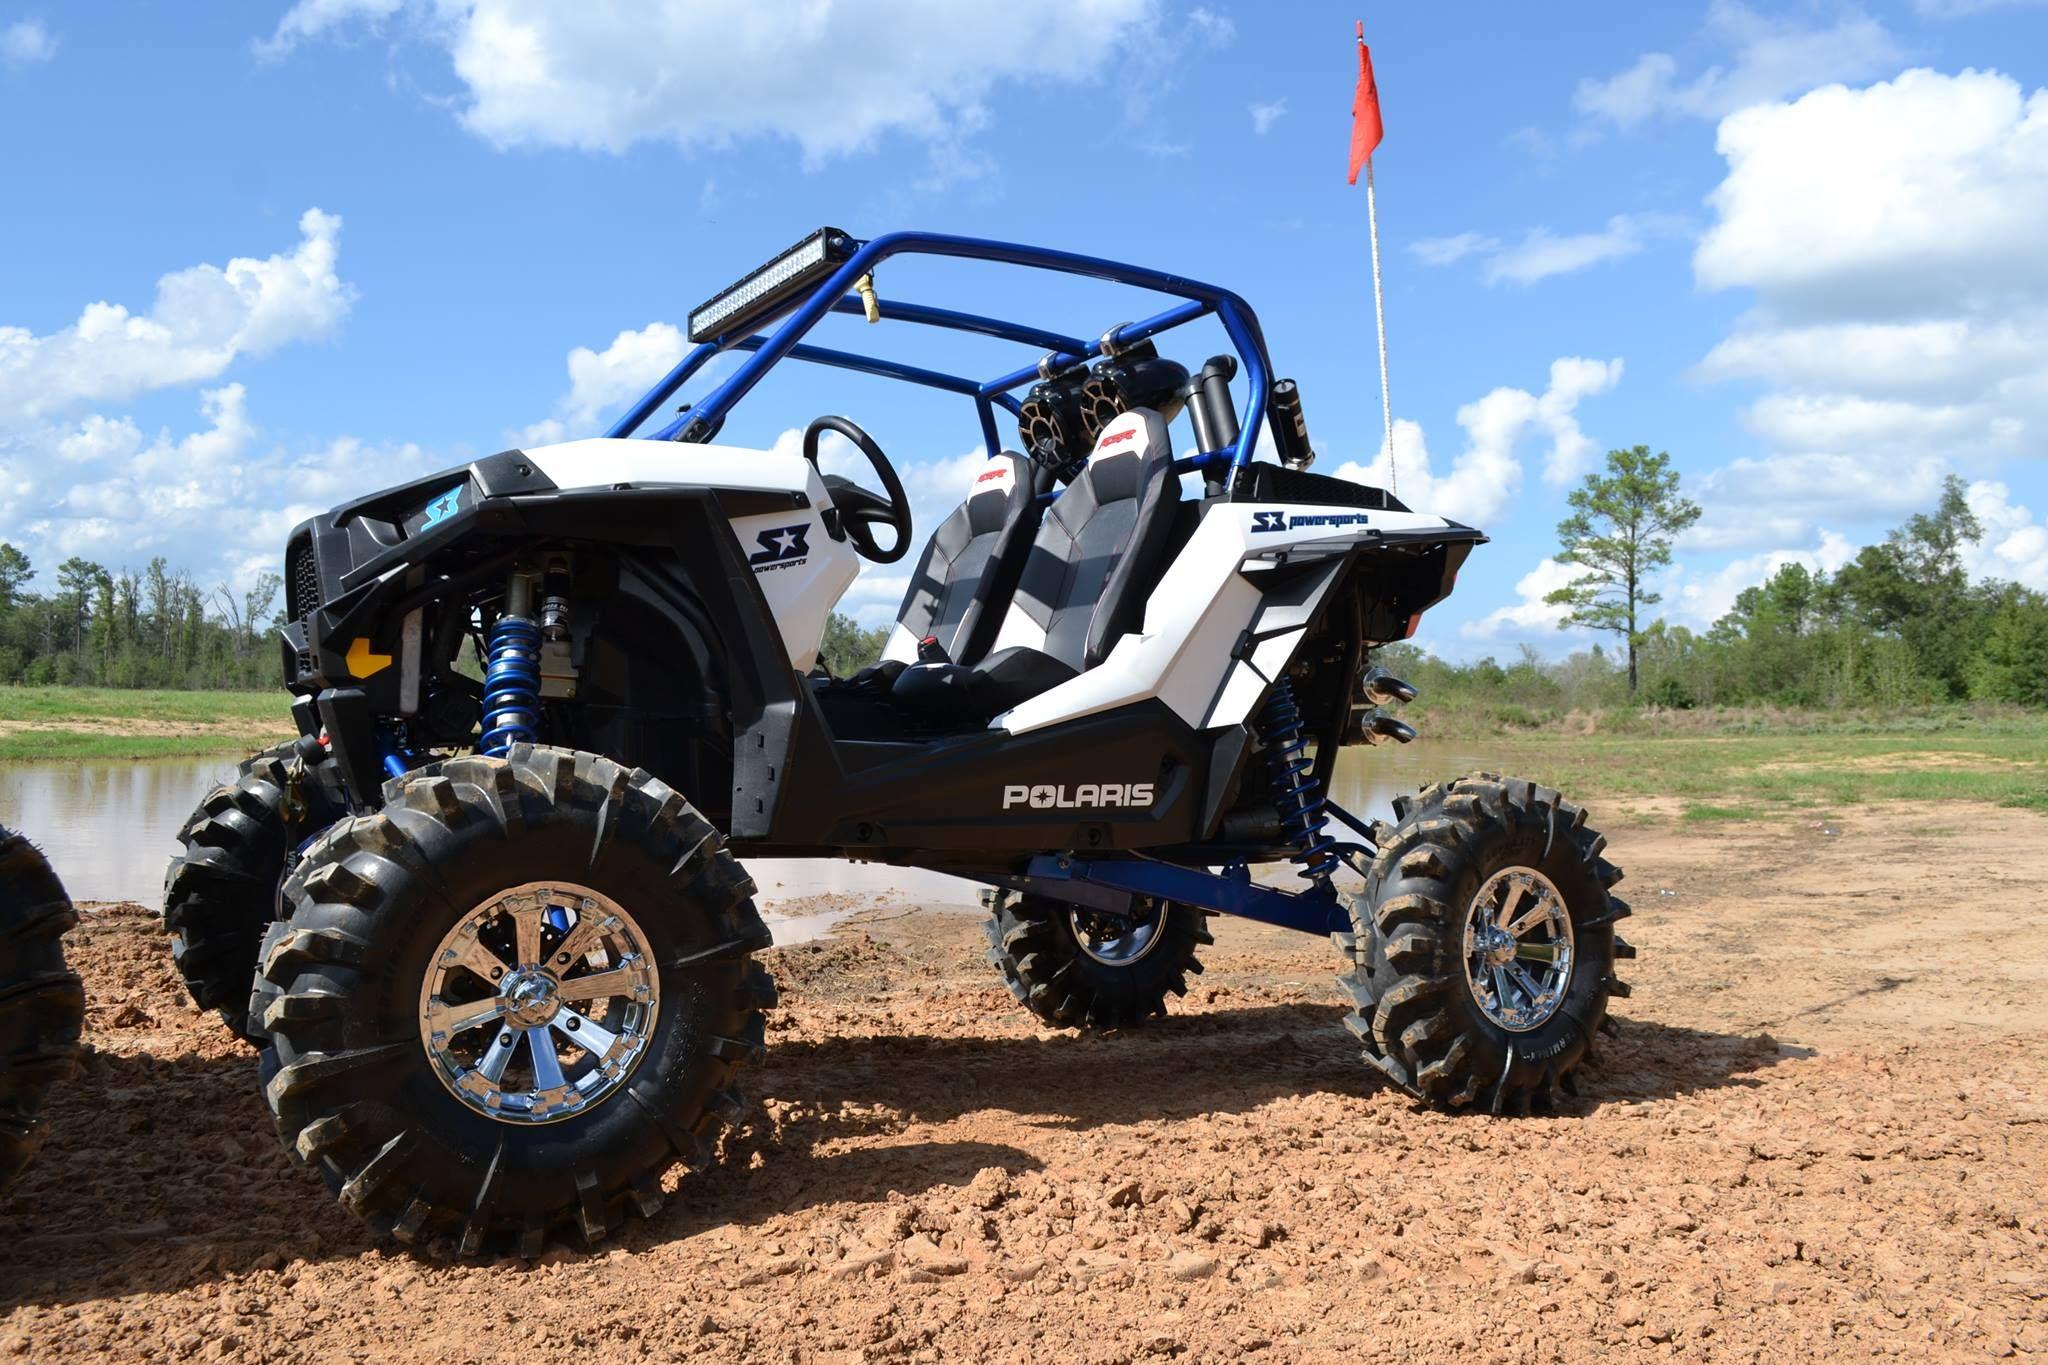 S3 Power Sports Cars I wish I had Pinterest